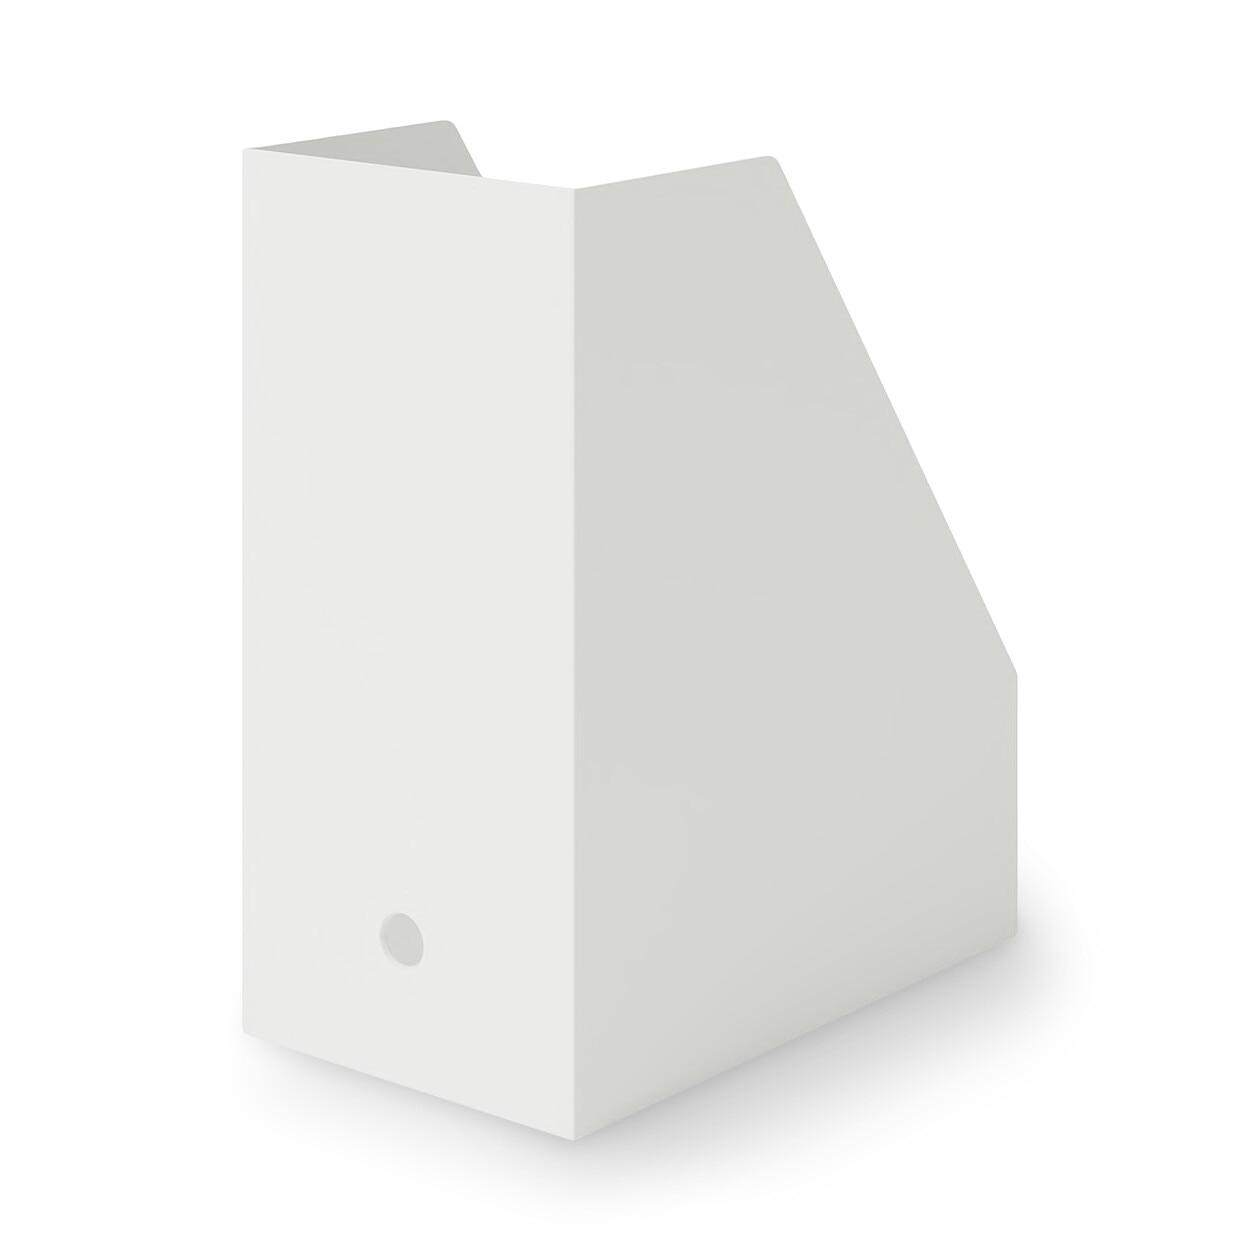 【店舗限定】ポリプロピレンスタンドファイルボックス・ワイド・A4用・ホワイトグレ